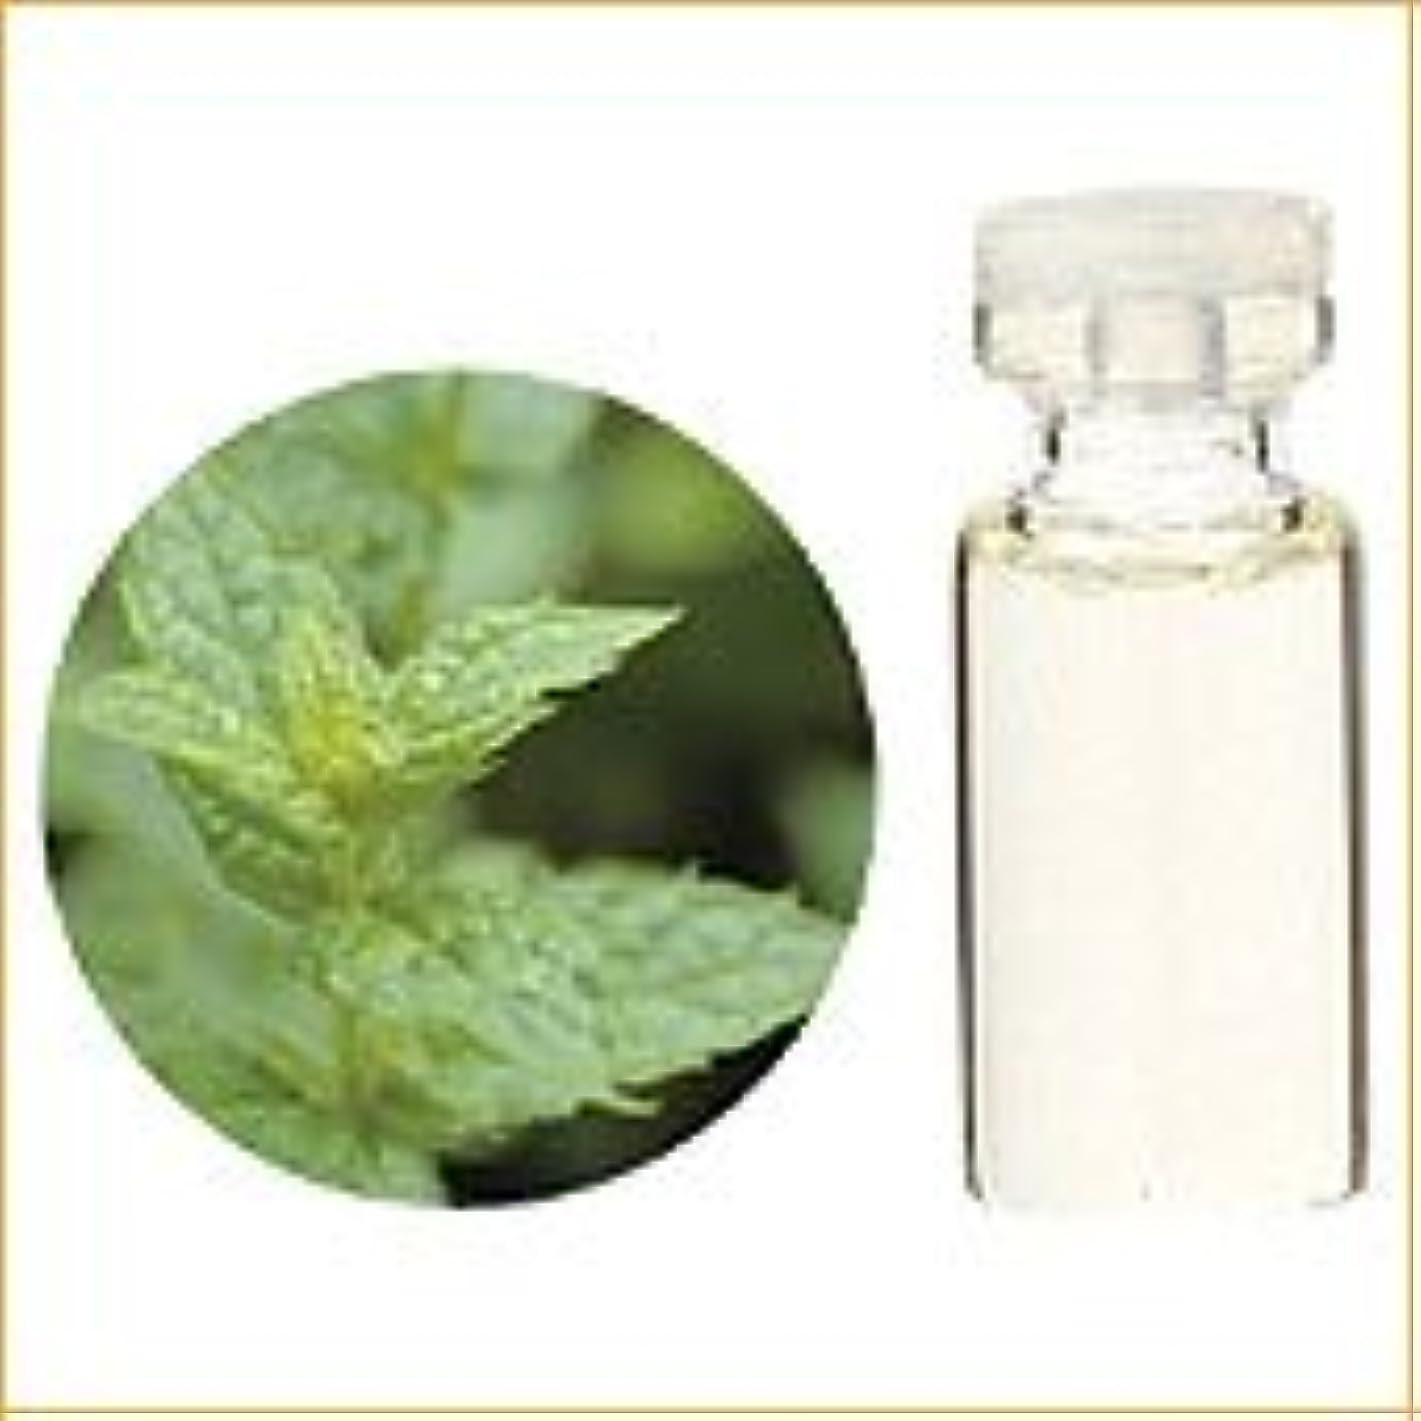 枯渇カロリーリズム生活の木 アロマオイル スペアミント 精油 10ml (Tree of Life Essential Oil/エッセンシャルオイル)